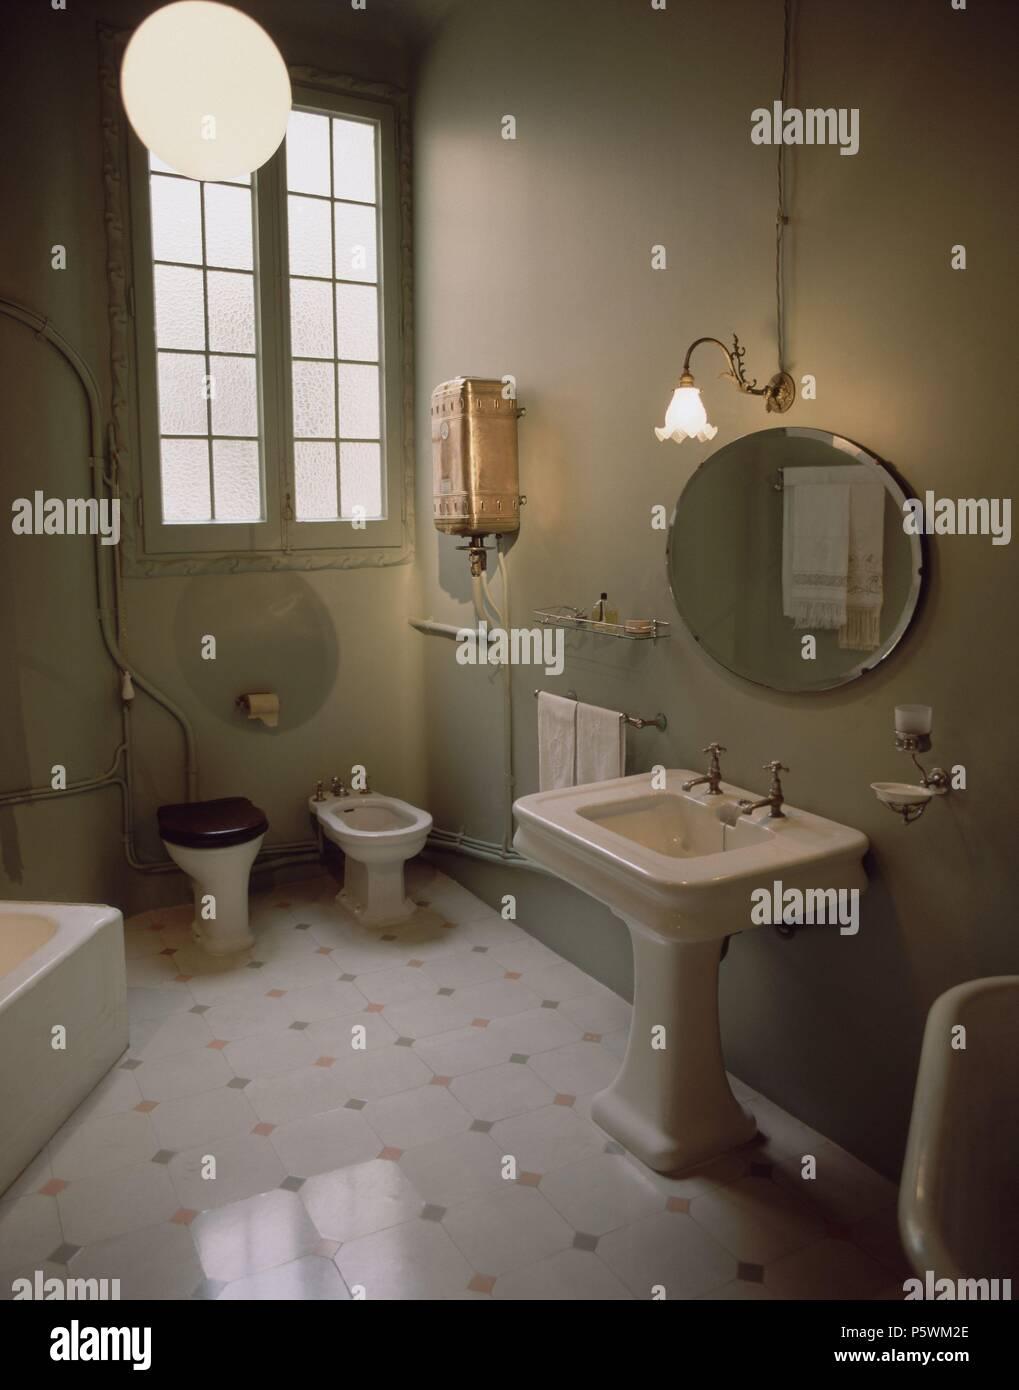 Cuarto De Bano Stockfotos & Cuarto De Bano Bilder - Alamy